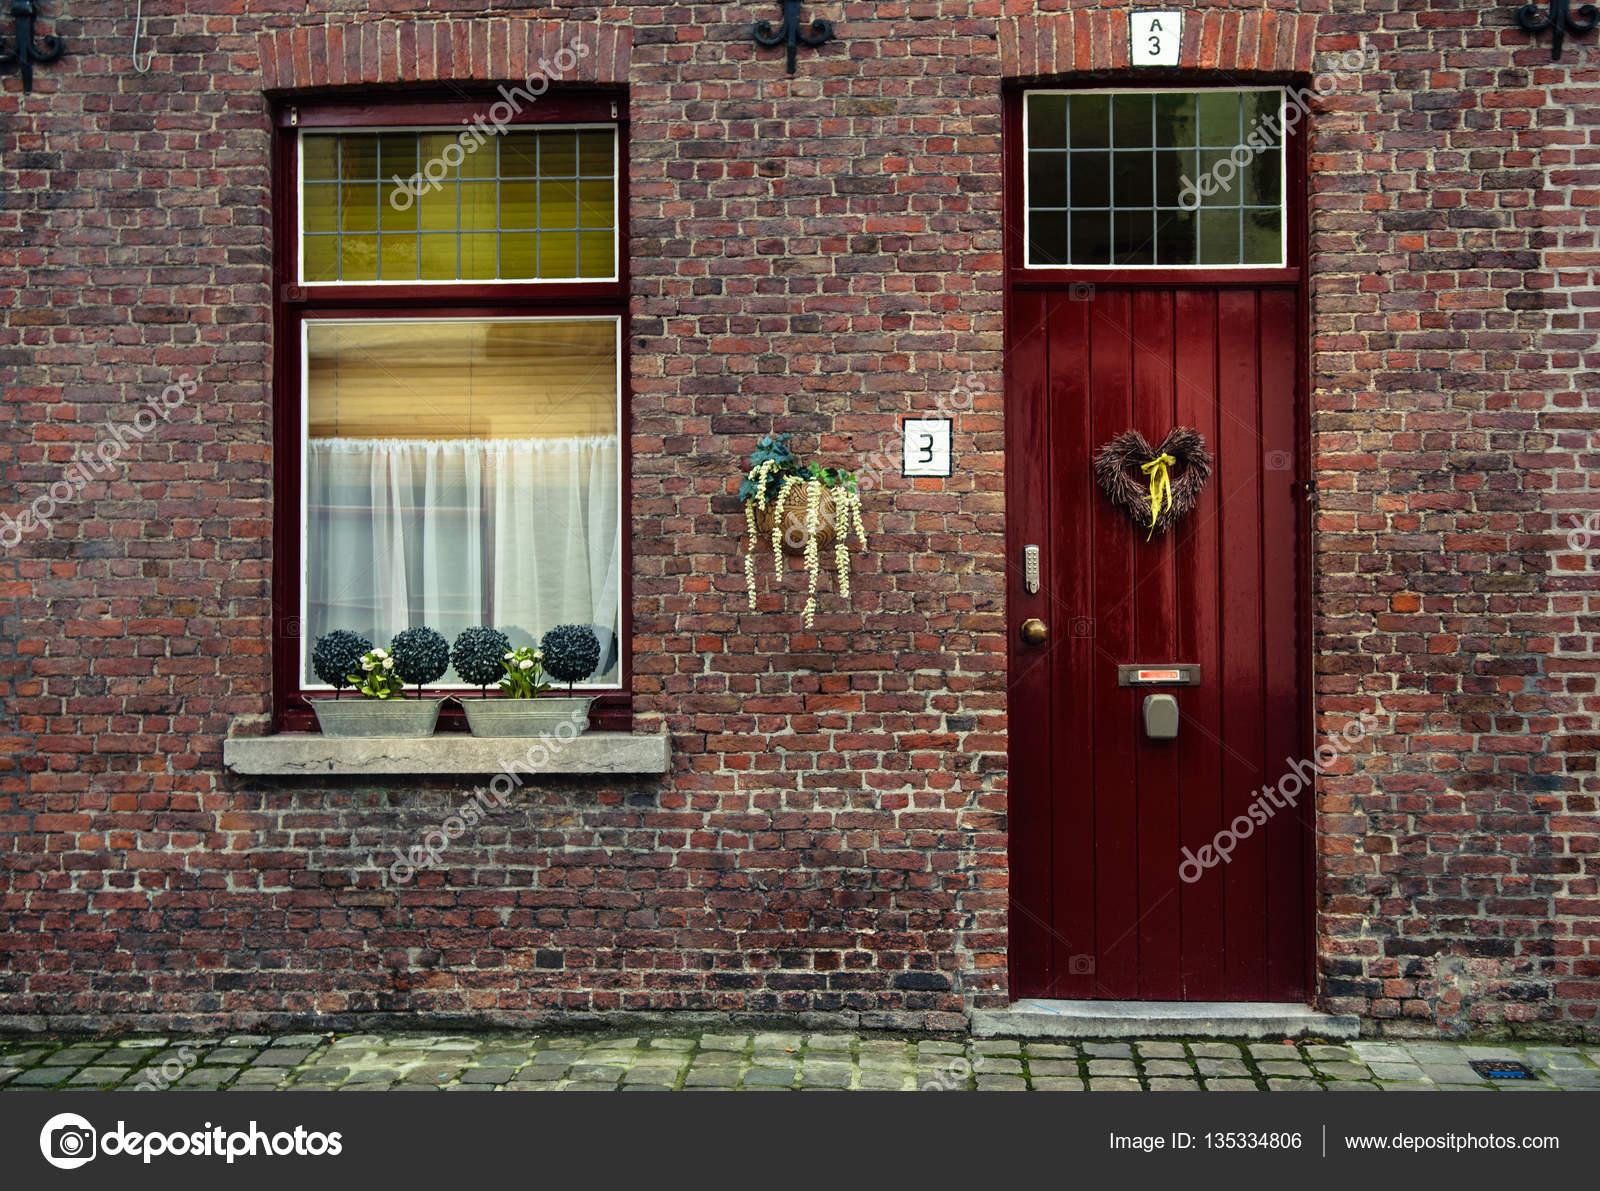 https://st3.depositphotos.com/4106437/13533/i/1600/depositphotos_135334806-stockafbeelding-rode-houten-raam-met-witte.jpg